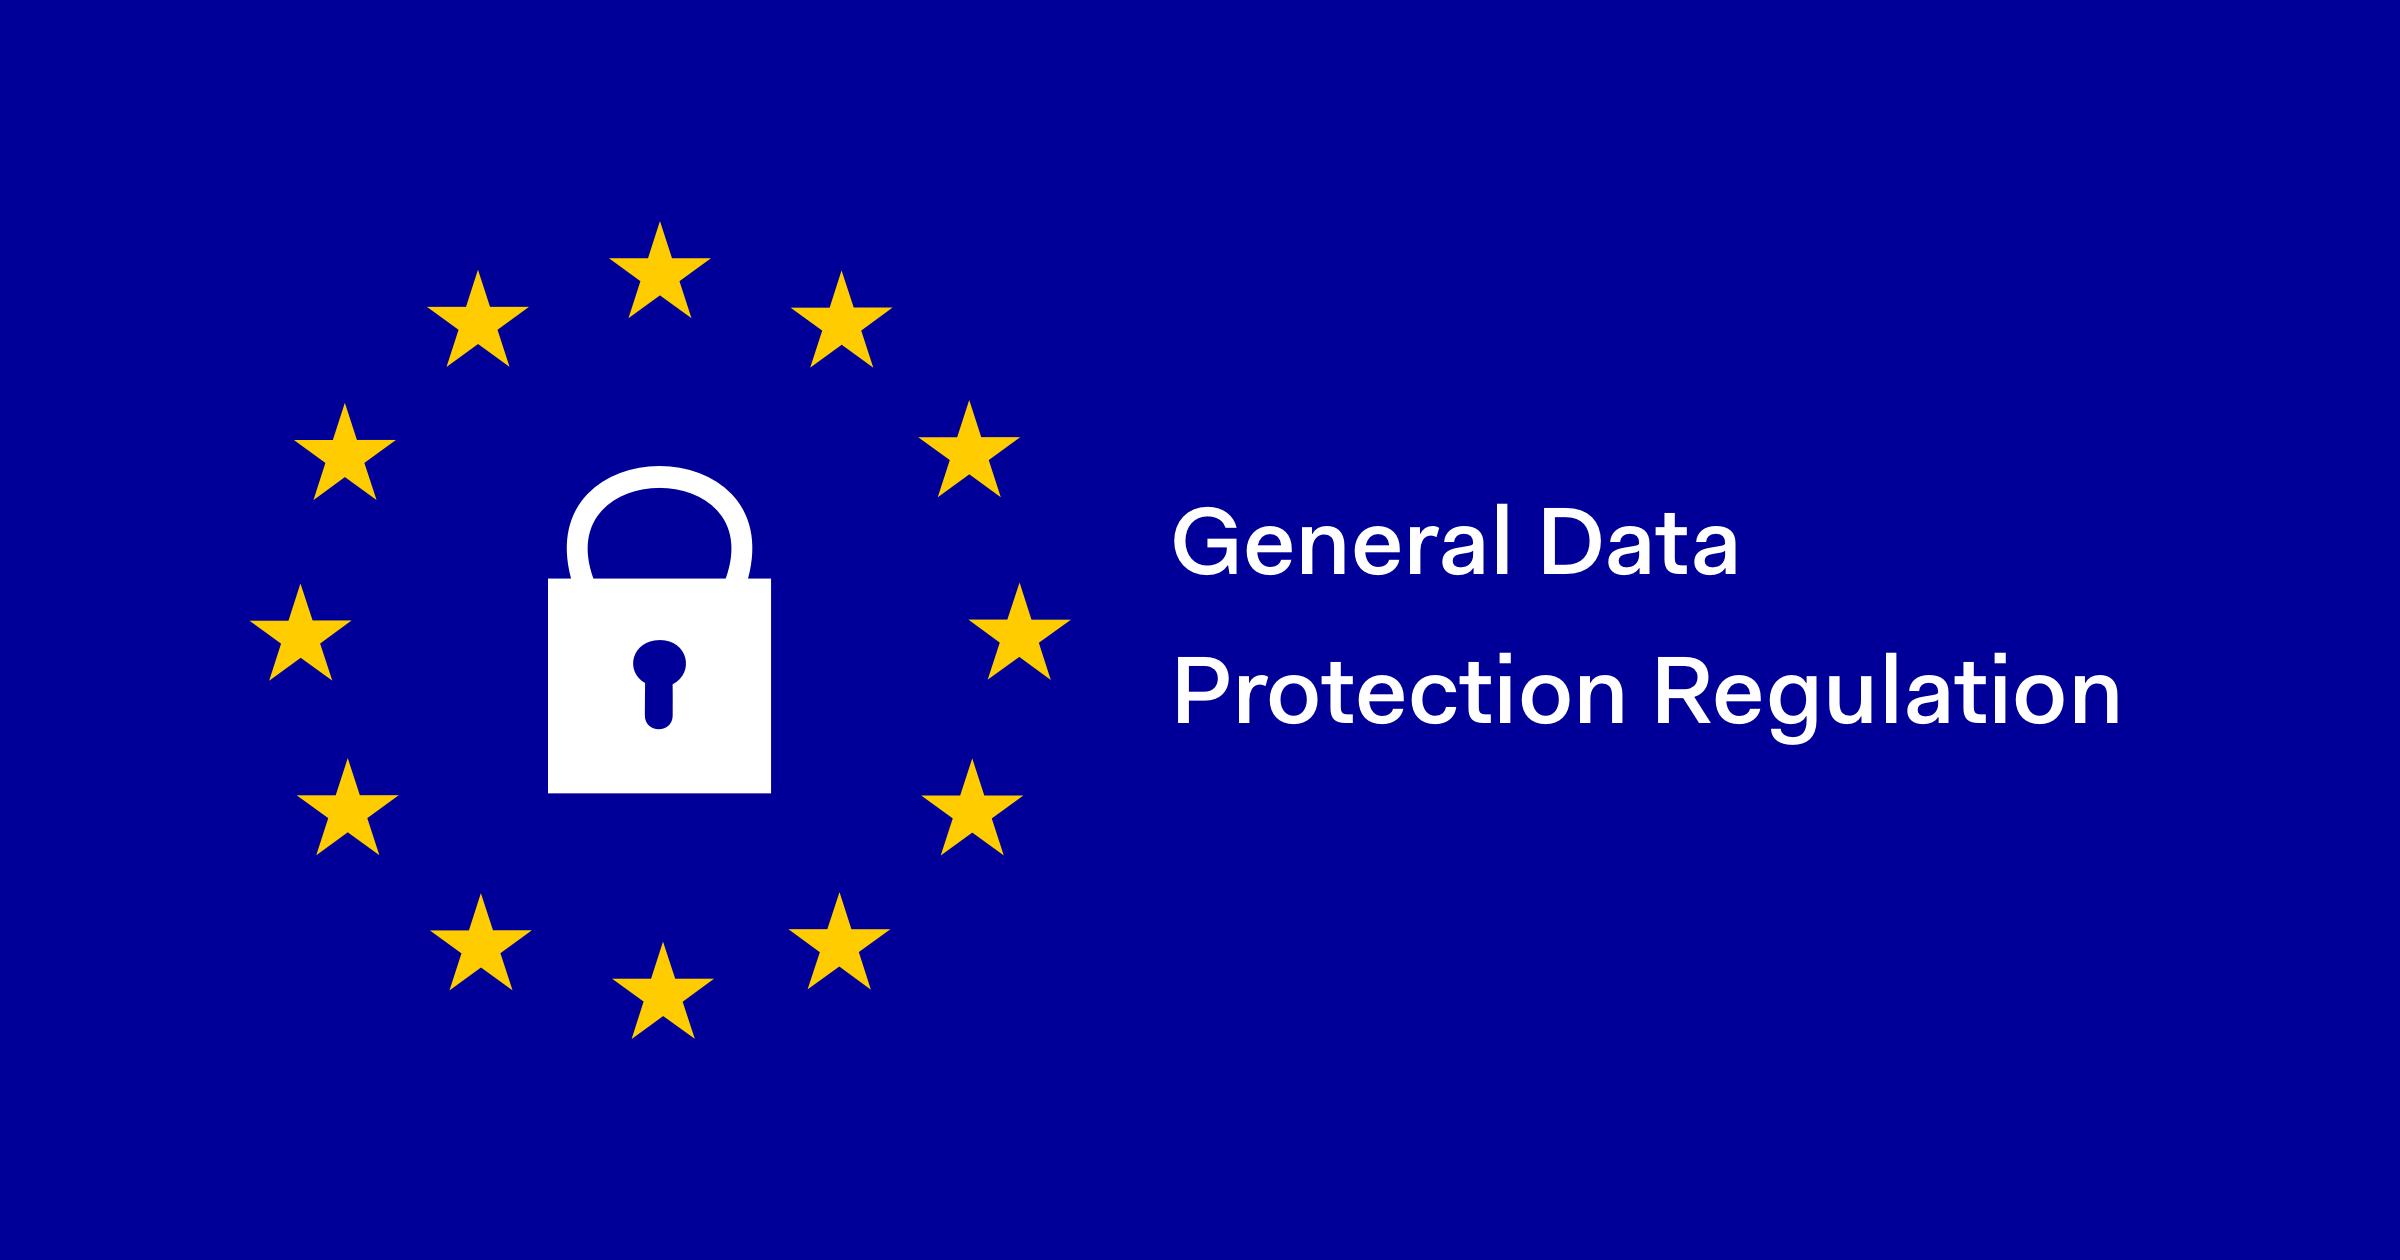 قوانین جدید حریم شخصی اروپا موسوم به GDPR